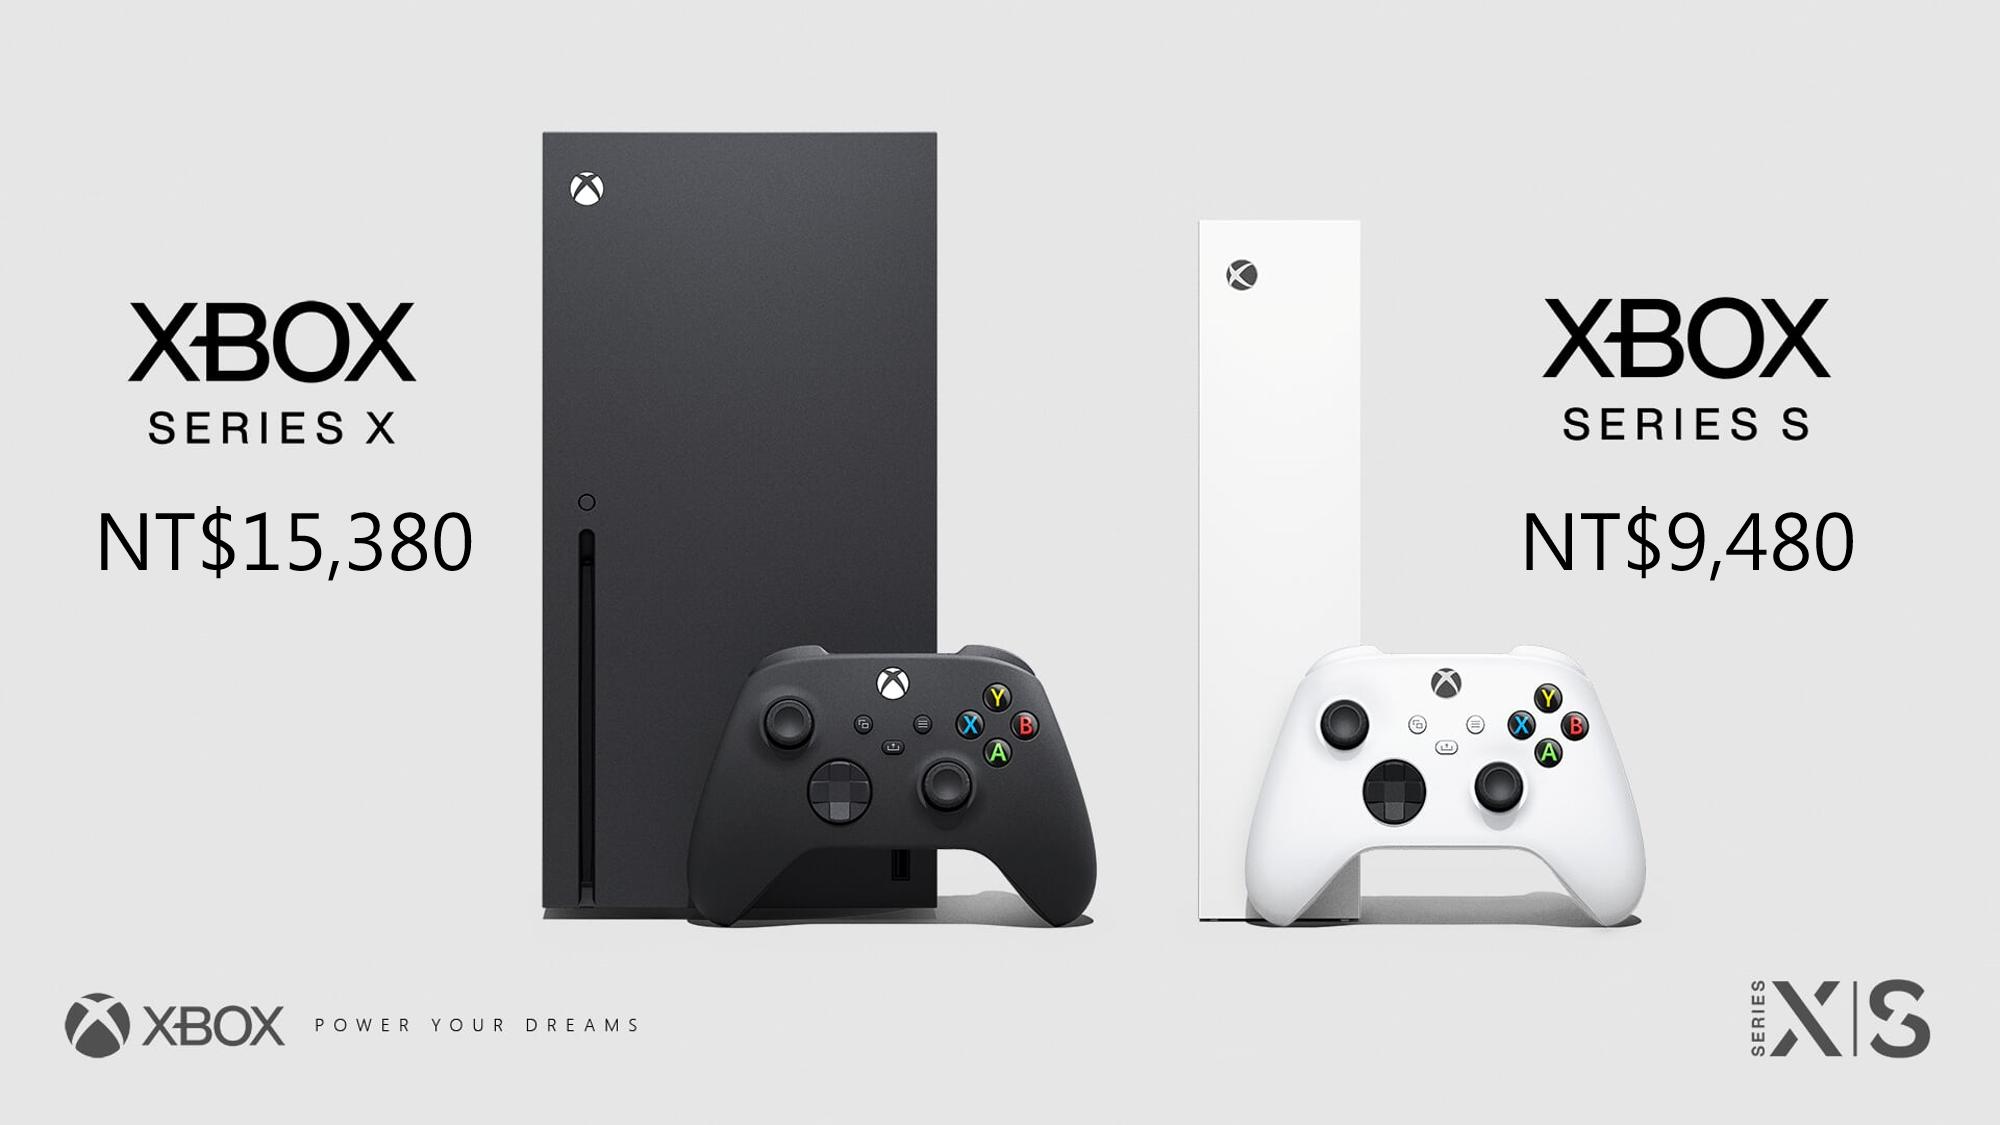 史上最強Xbox Series X / S遊戲主機攻台 捷元專業代理  11月10號通路全面開賣